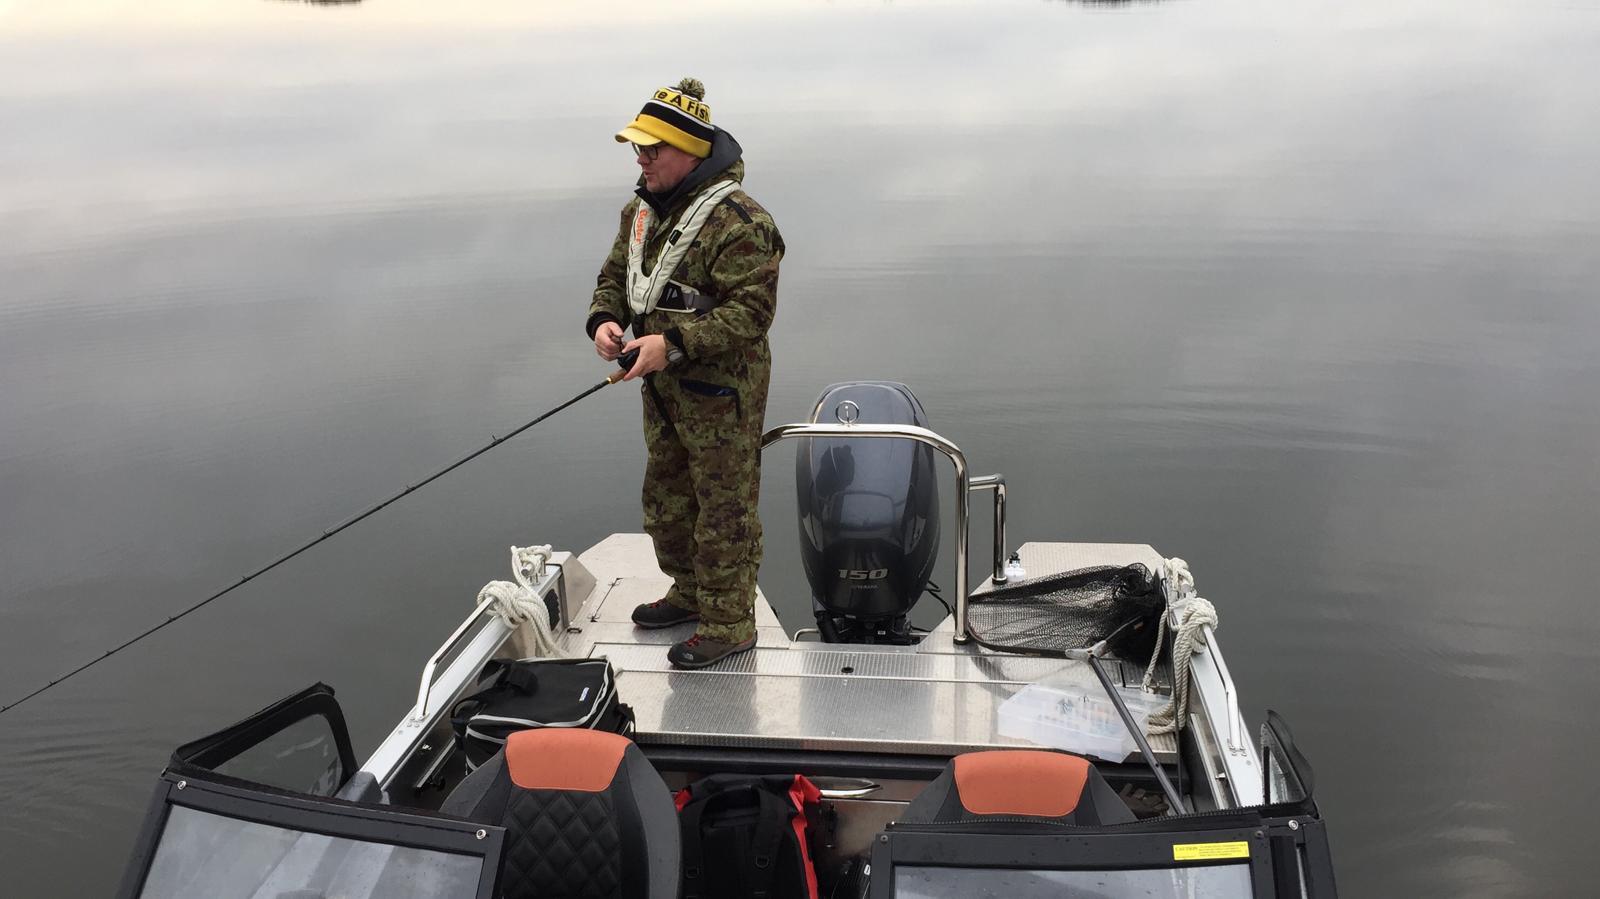 Vuoden kalastusopas Jani Ollikainen ja Buster XXL